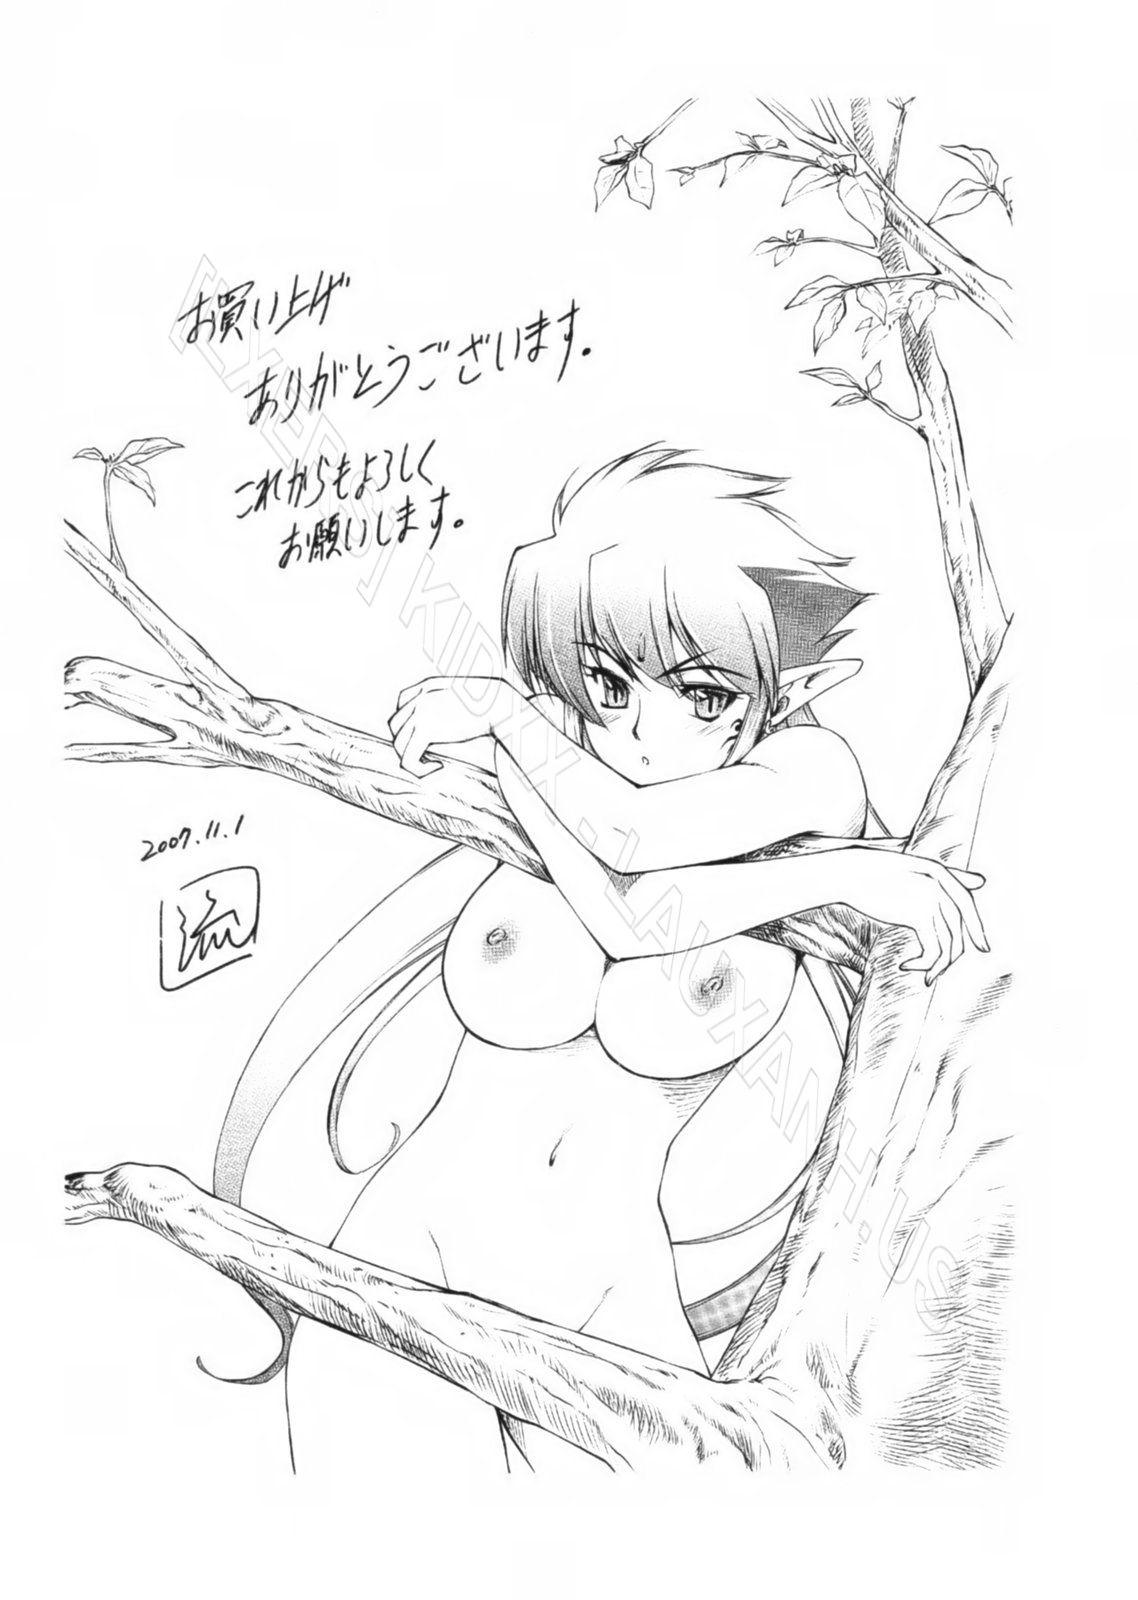 Hình ảnh Hinh_031 trong bài viết Truyện tranh hentai không che: Parabellum